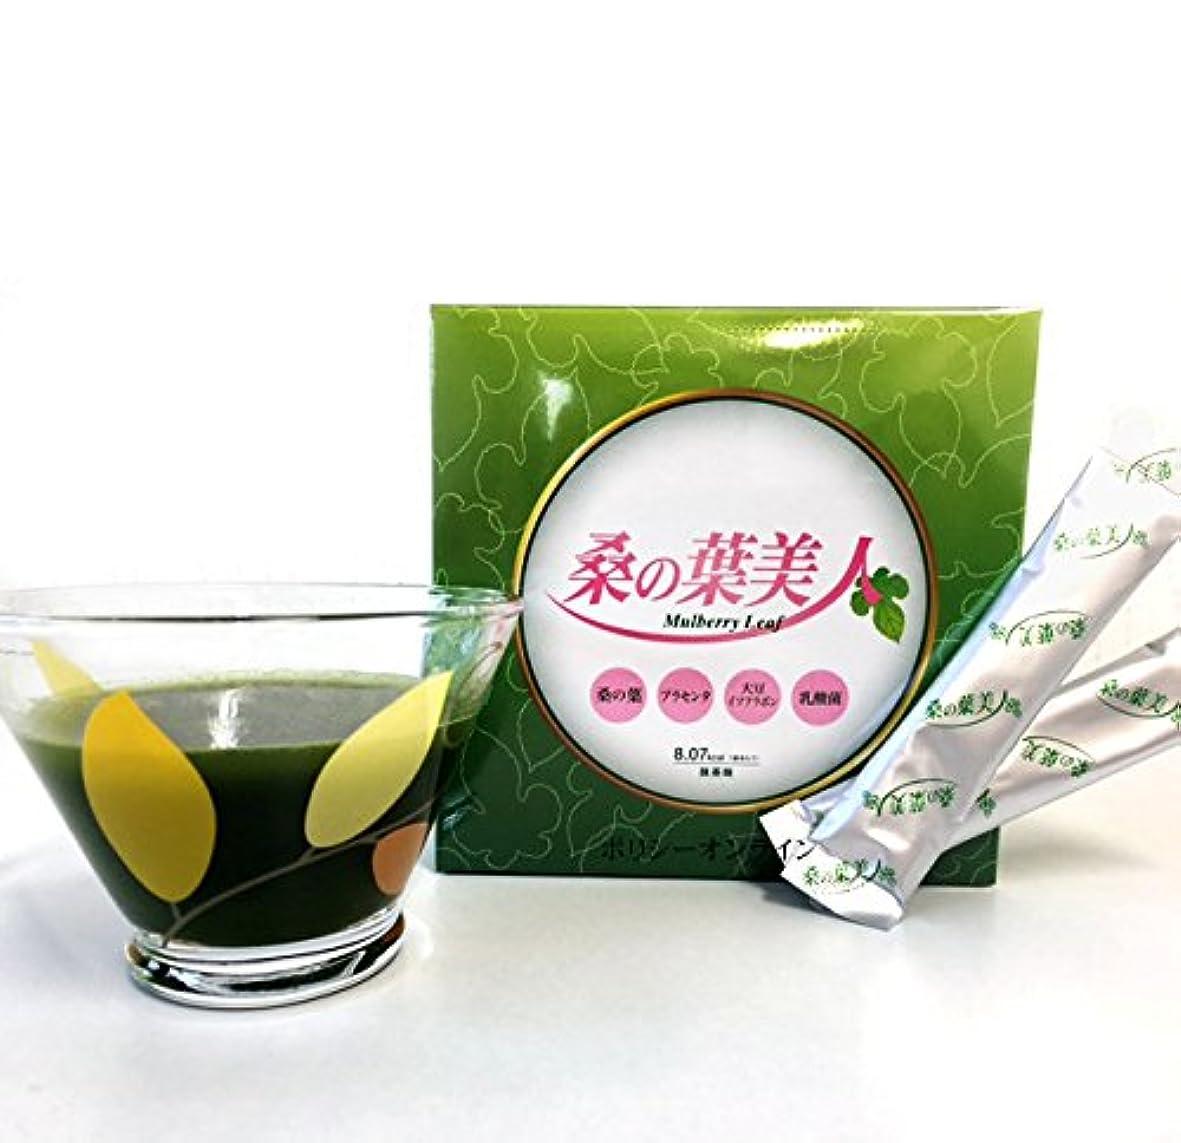 鏡ほのめかす瞑想的ポリシー化粧品 【サプリメント/内面美容】桑の葉美人 3g×50袋